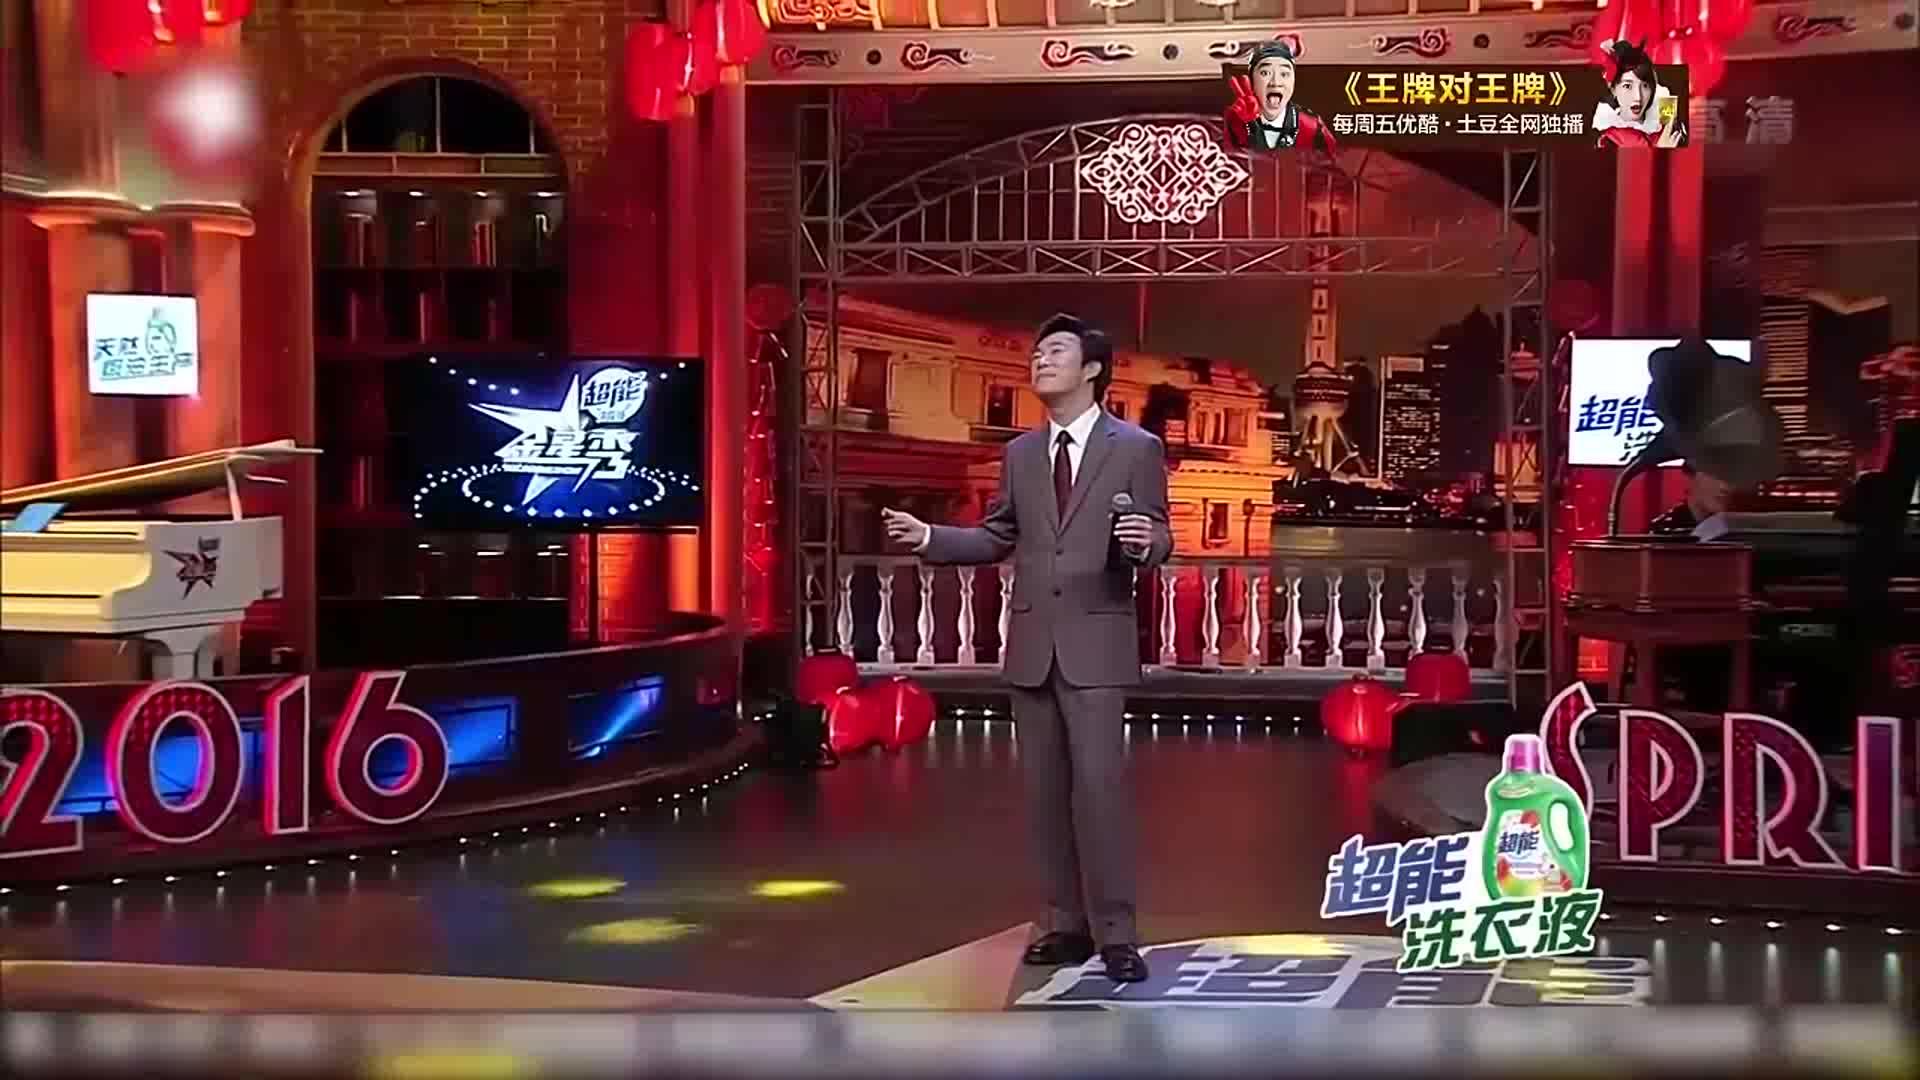 金星秀:费玉清一开嗓就是经典,怪不得是乐坛常青树,太亮眼了!